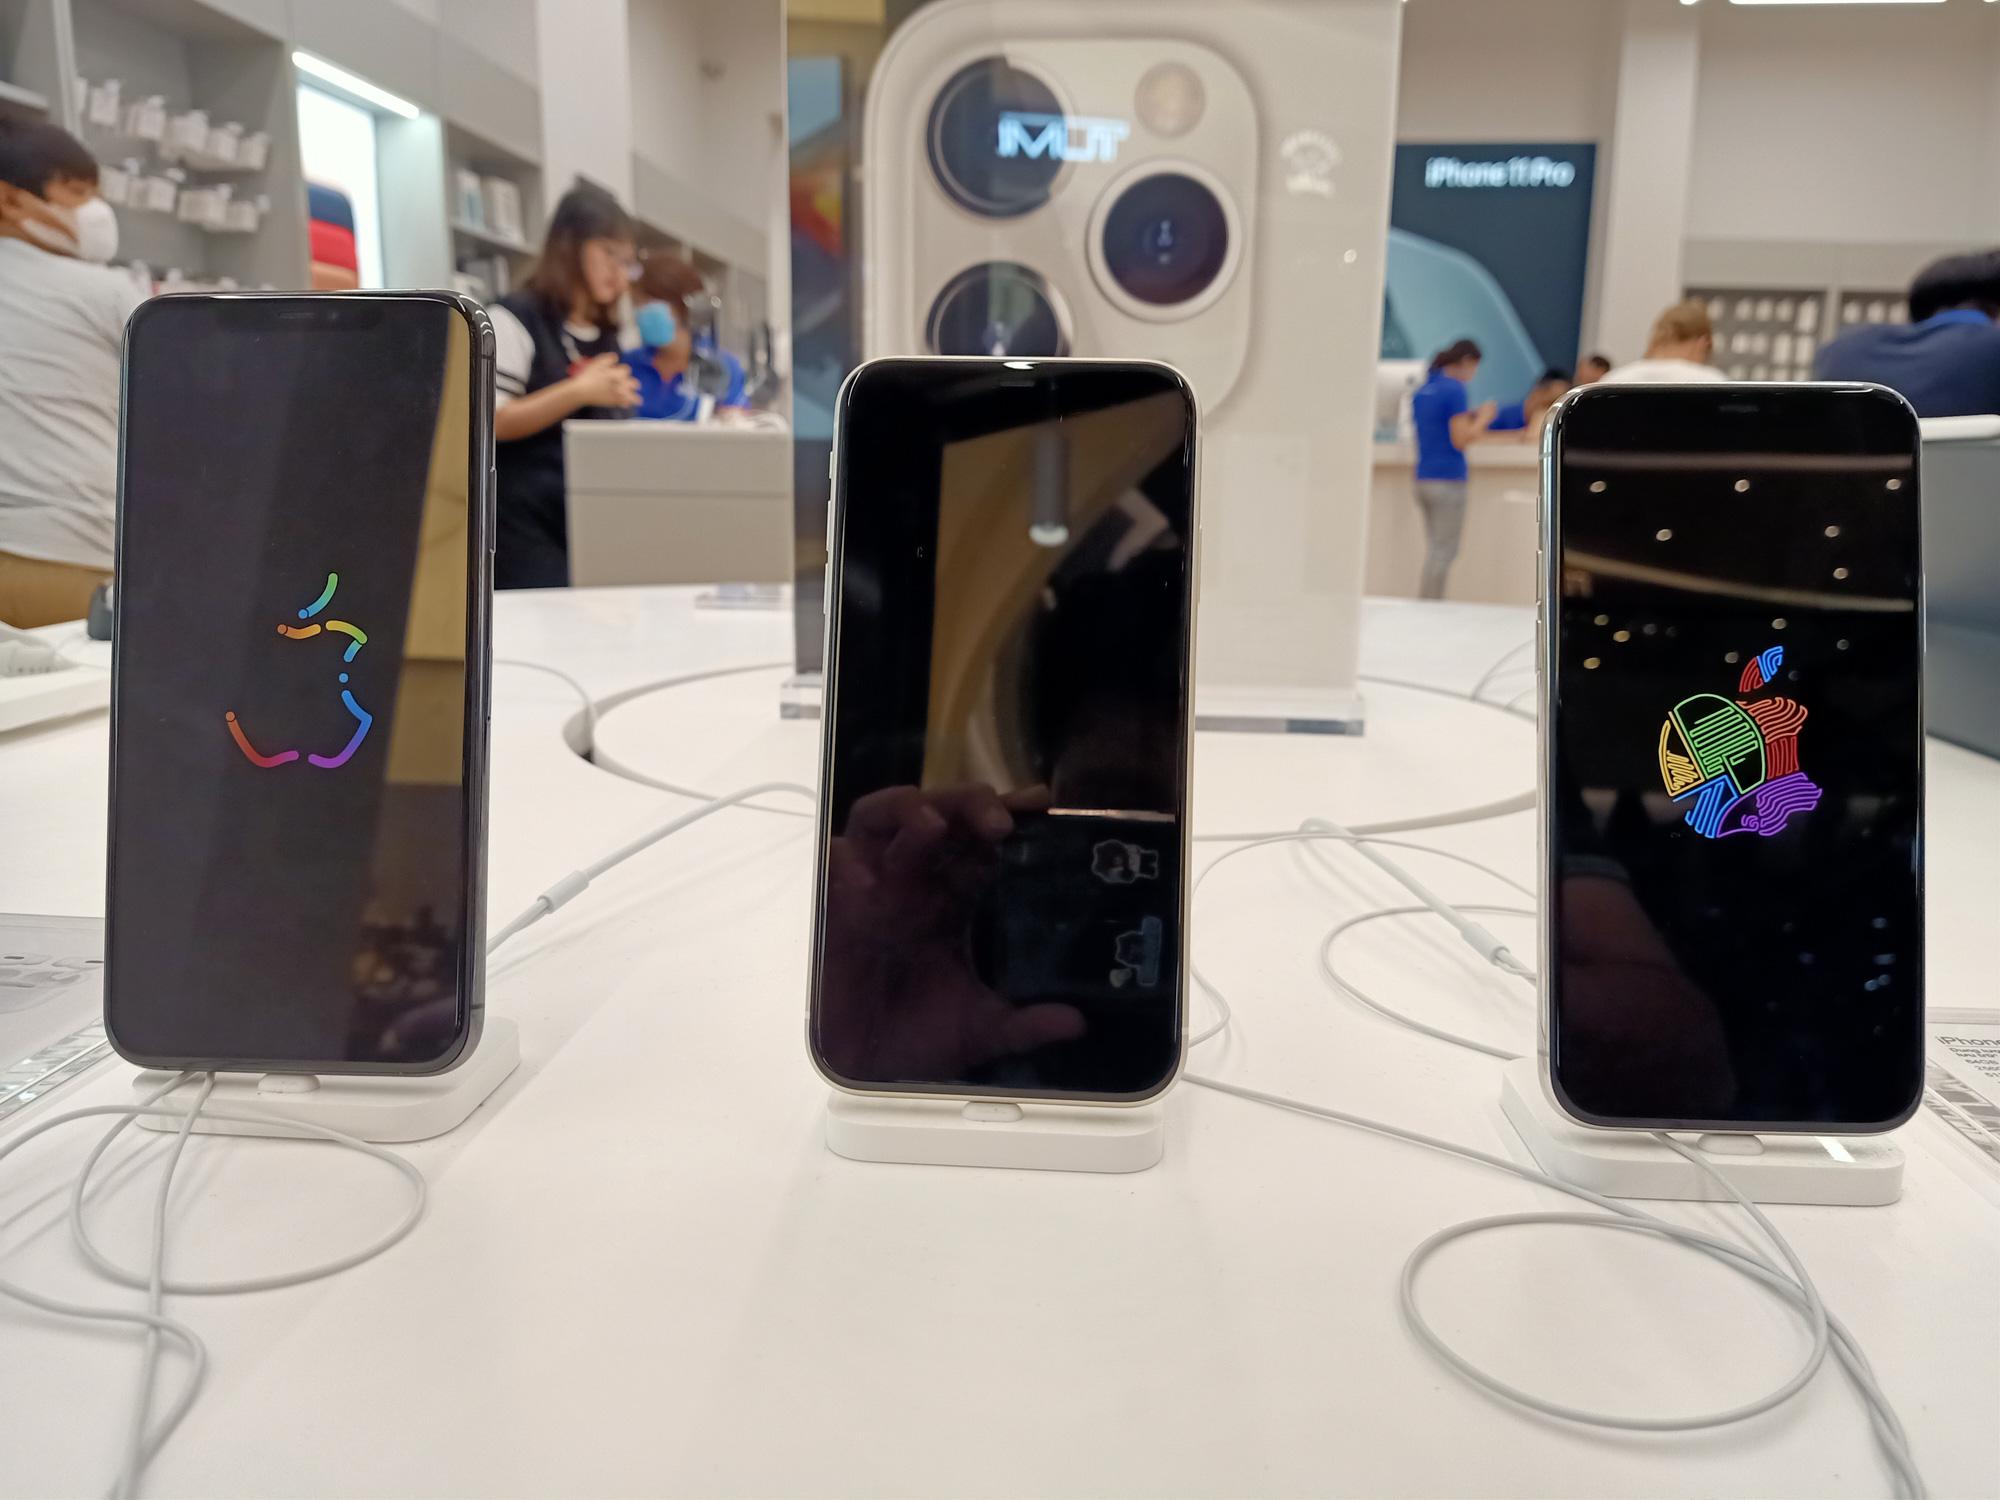 Điện thoại giảm giá tuần này: iPhone 11 chính hãng và xách tay bắt đầu hạ giá - Ảnh 2.